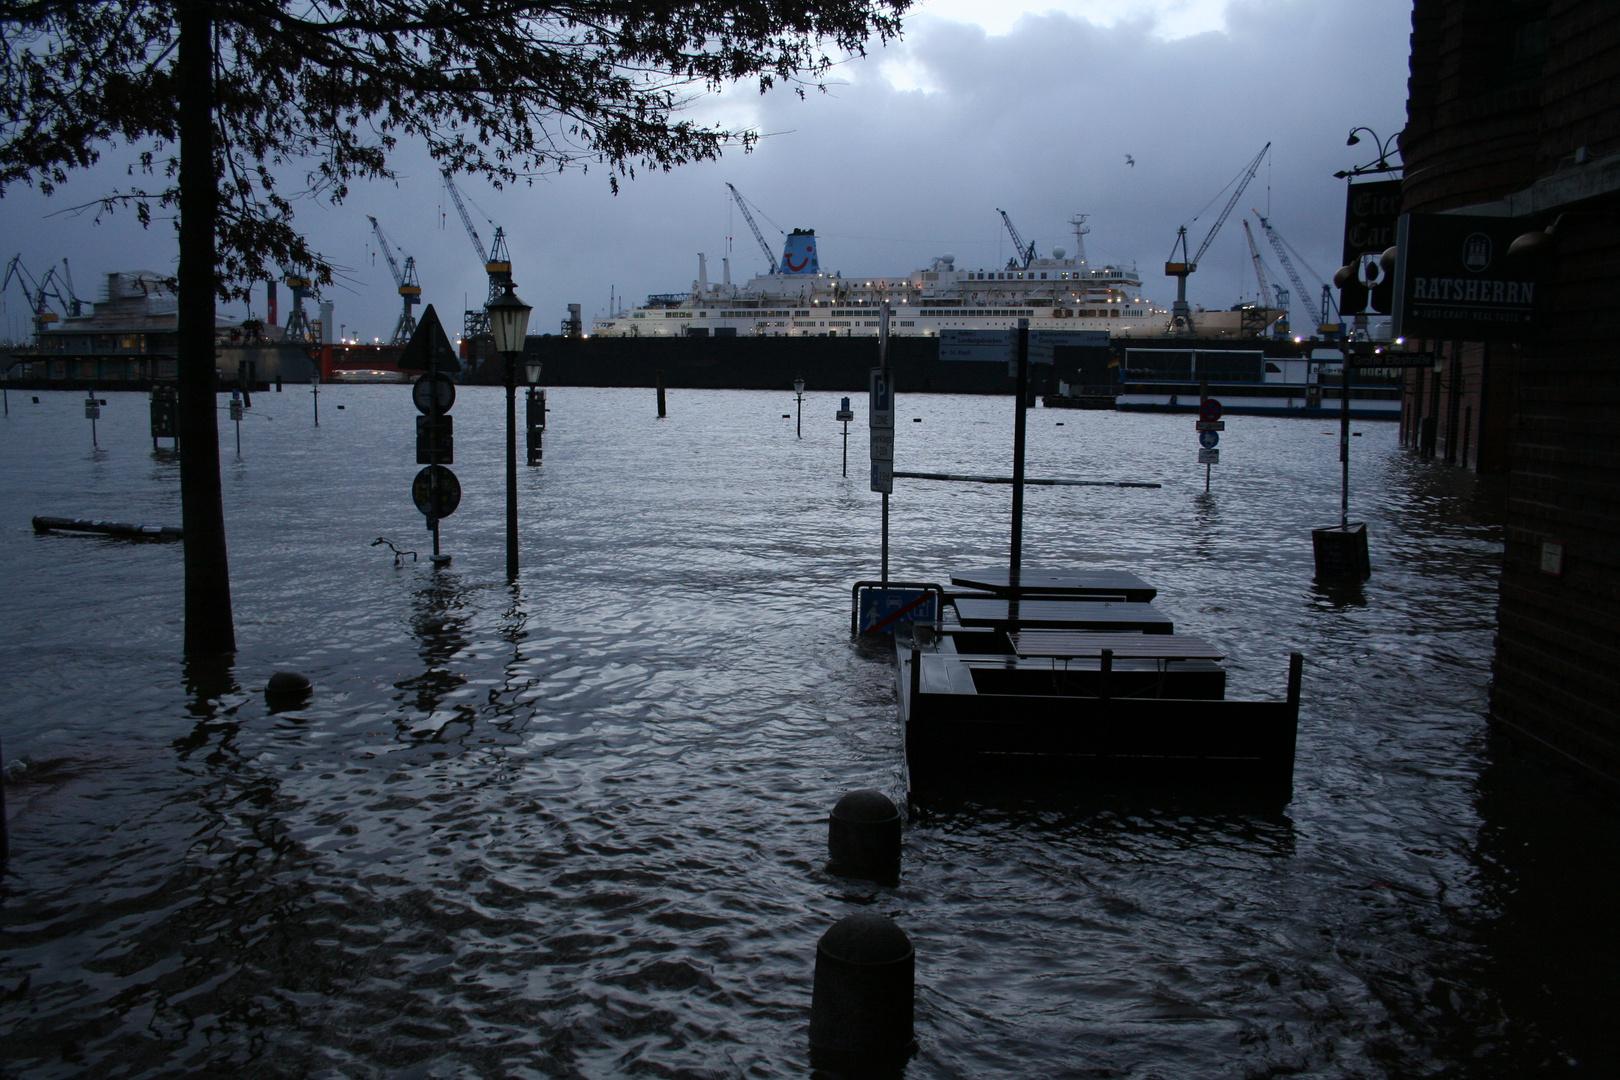 Hochwasser am Fischmarkt in Hamburg